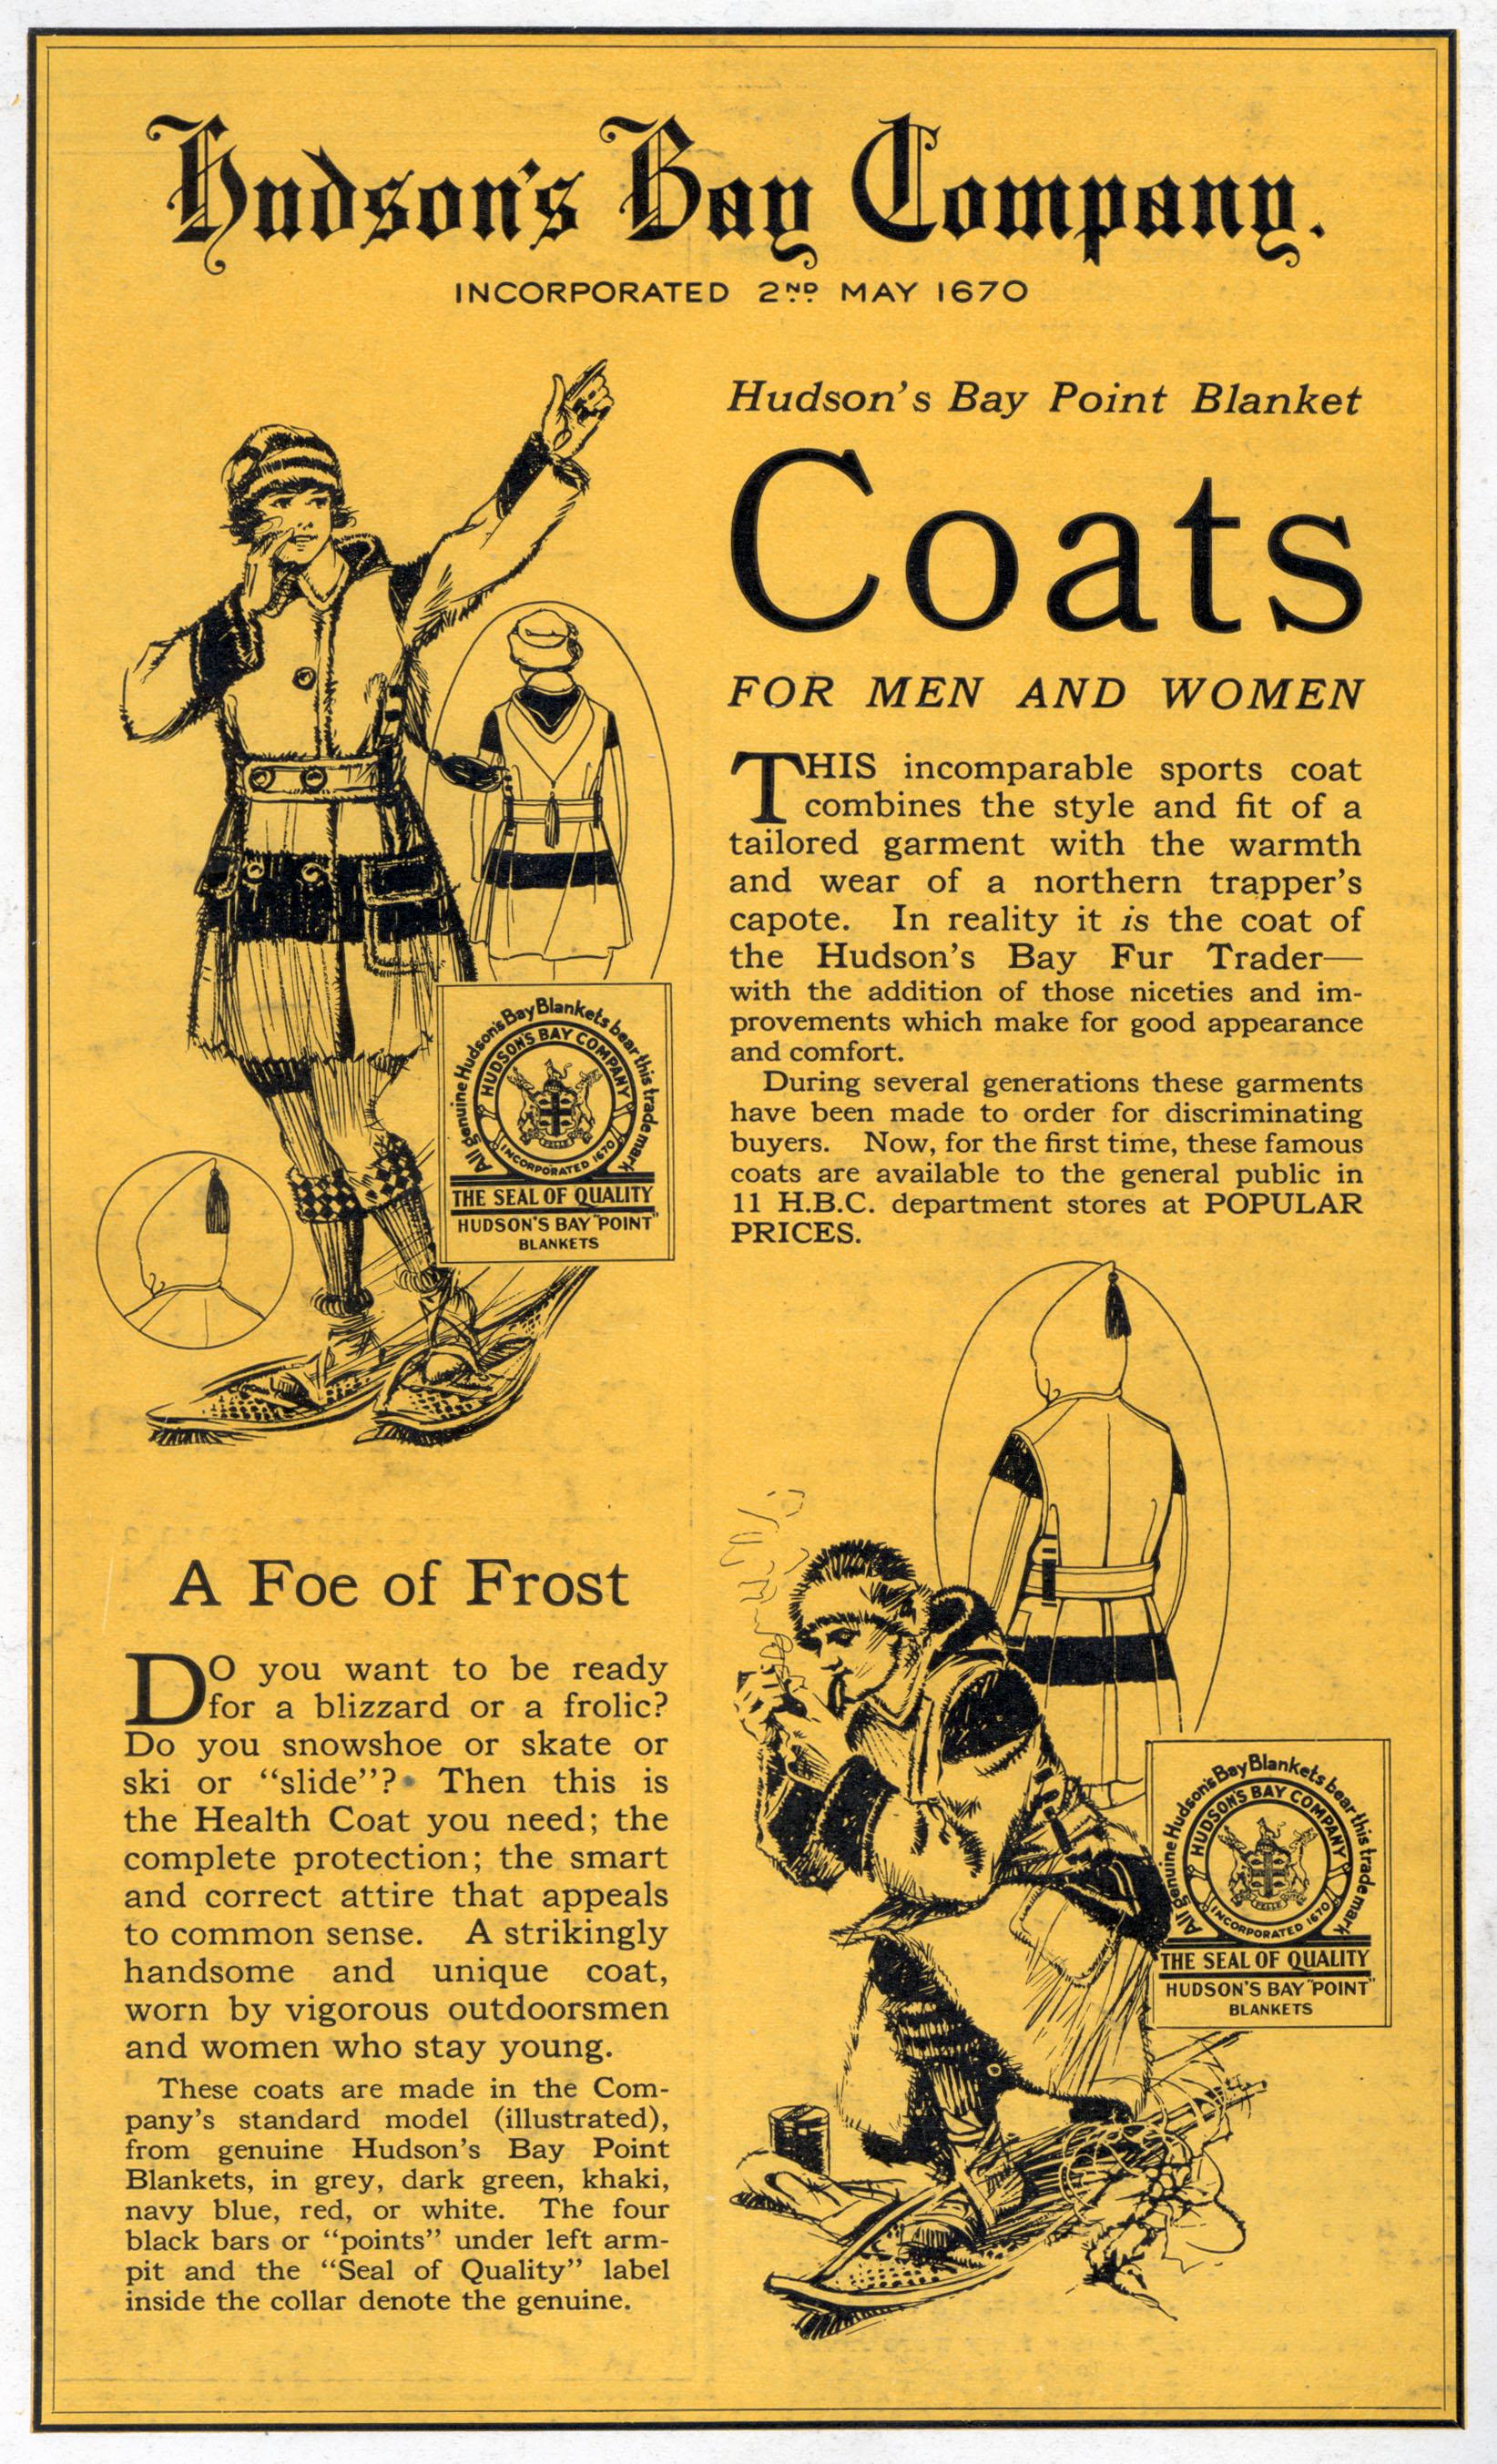 Hbc heritage hudsons bay point blanket coat commercial hudsons bay point blanket coats buycottarizona Choice Image